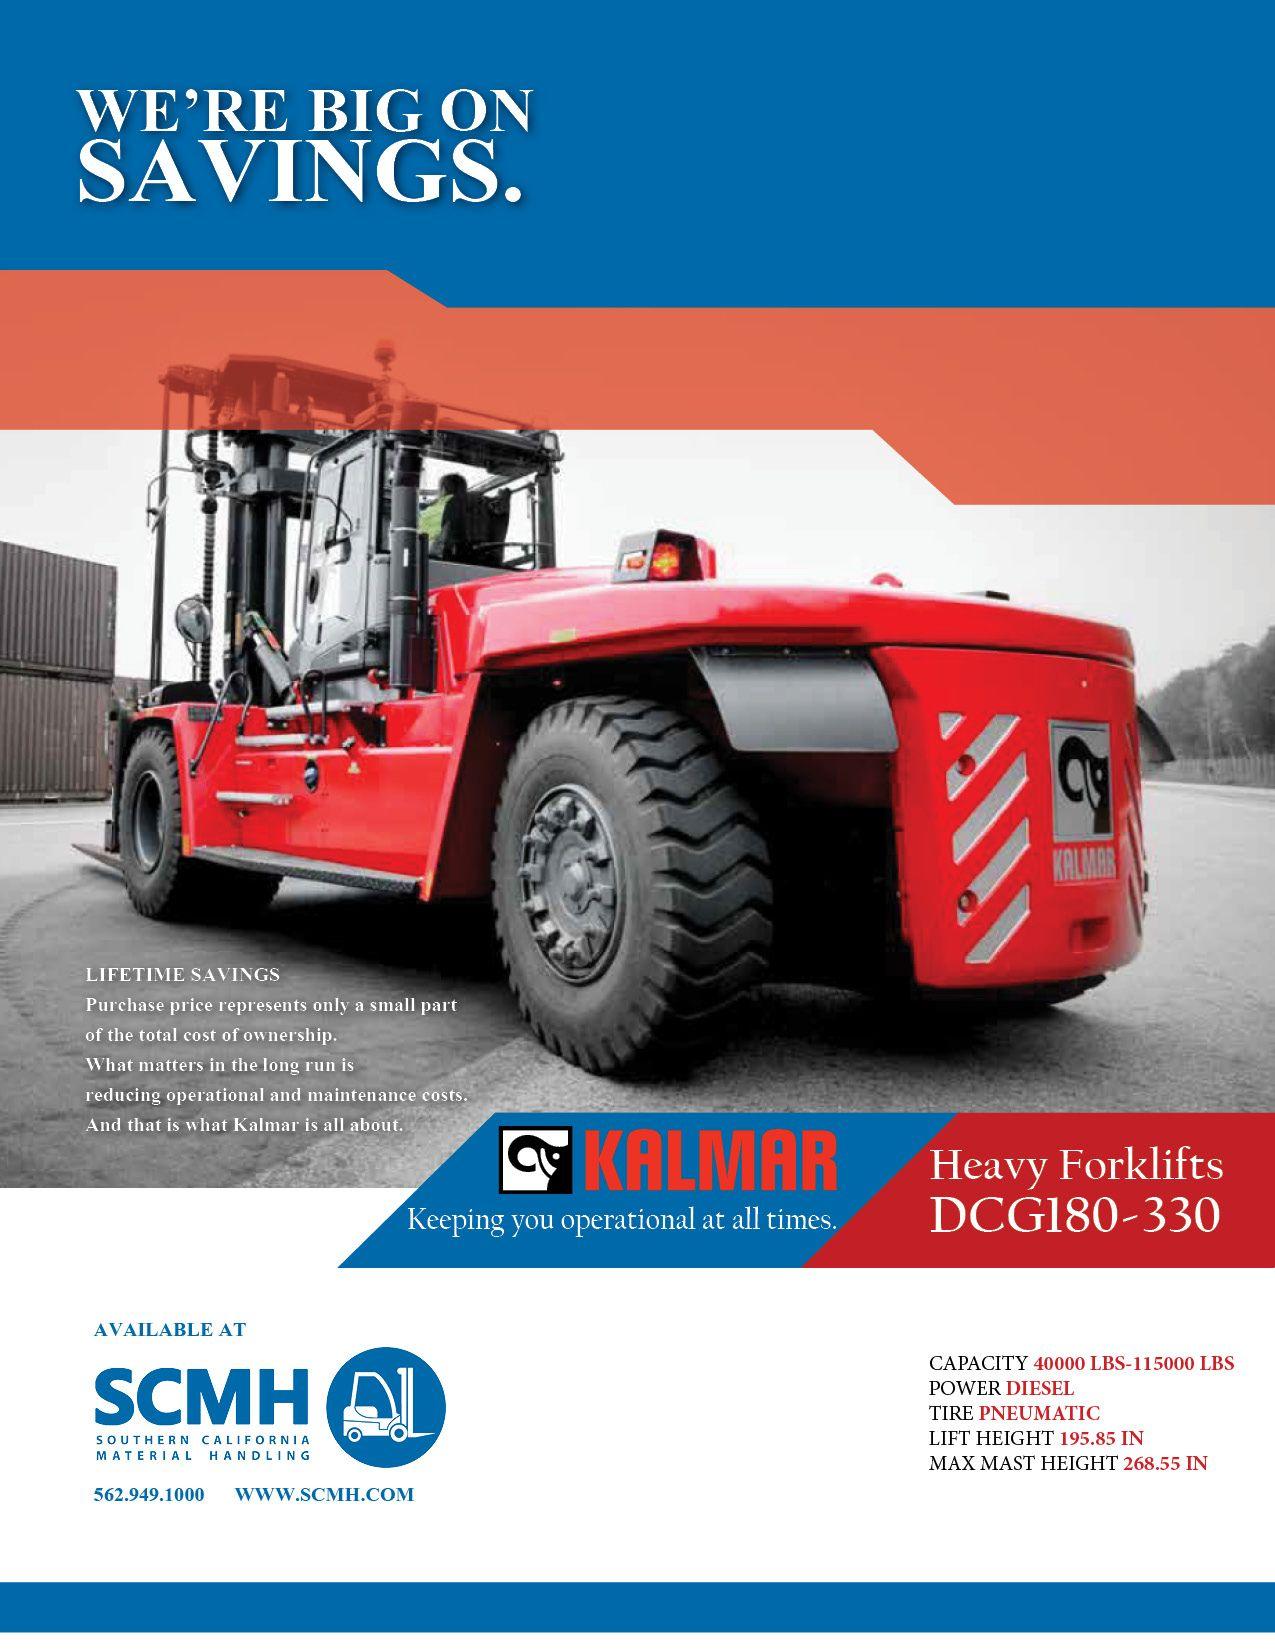 Pin by Socal Handling on Kalmar forklifts | Monster trucks, Trucks